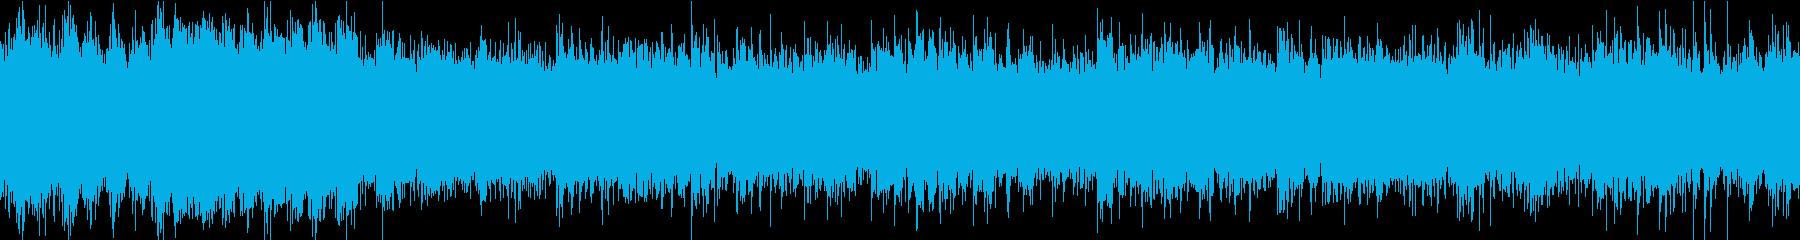 おだやかキラキラ/ループ/イントロ17秒の再生済みの波形